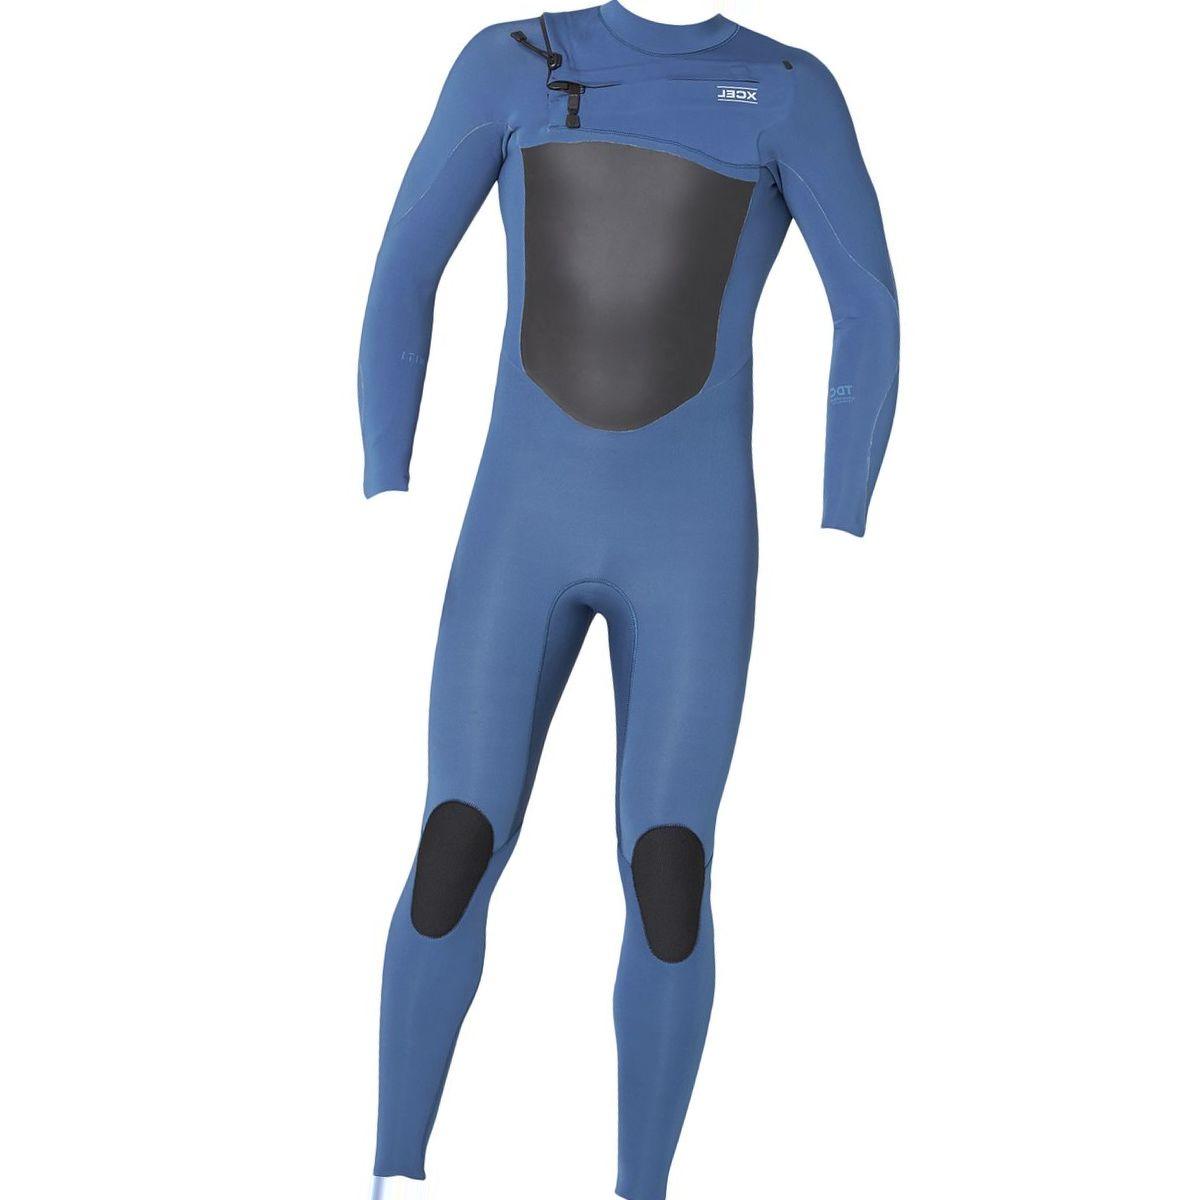 XCEL Infiniti 3/2mm Wetsuit - Men's